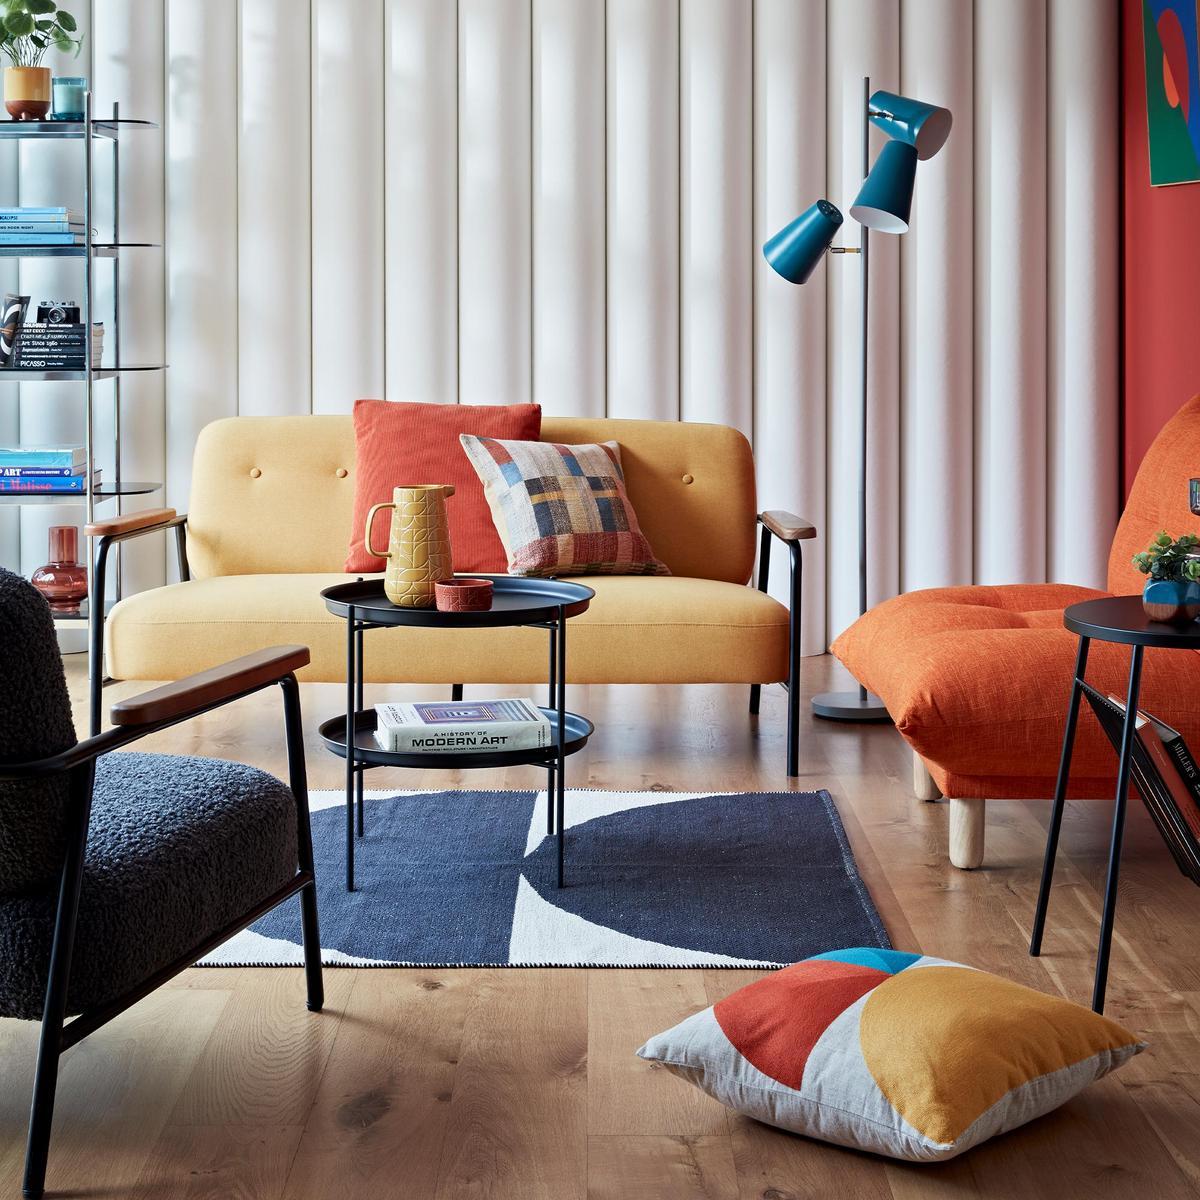 Habitat Sofas Furniture Lighting Home Accessories